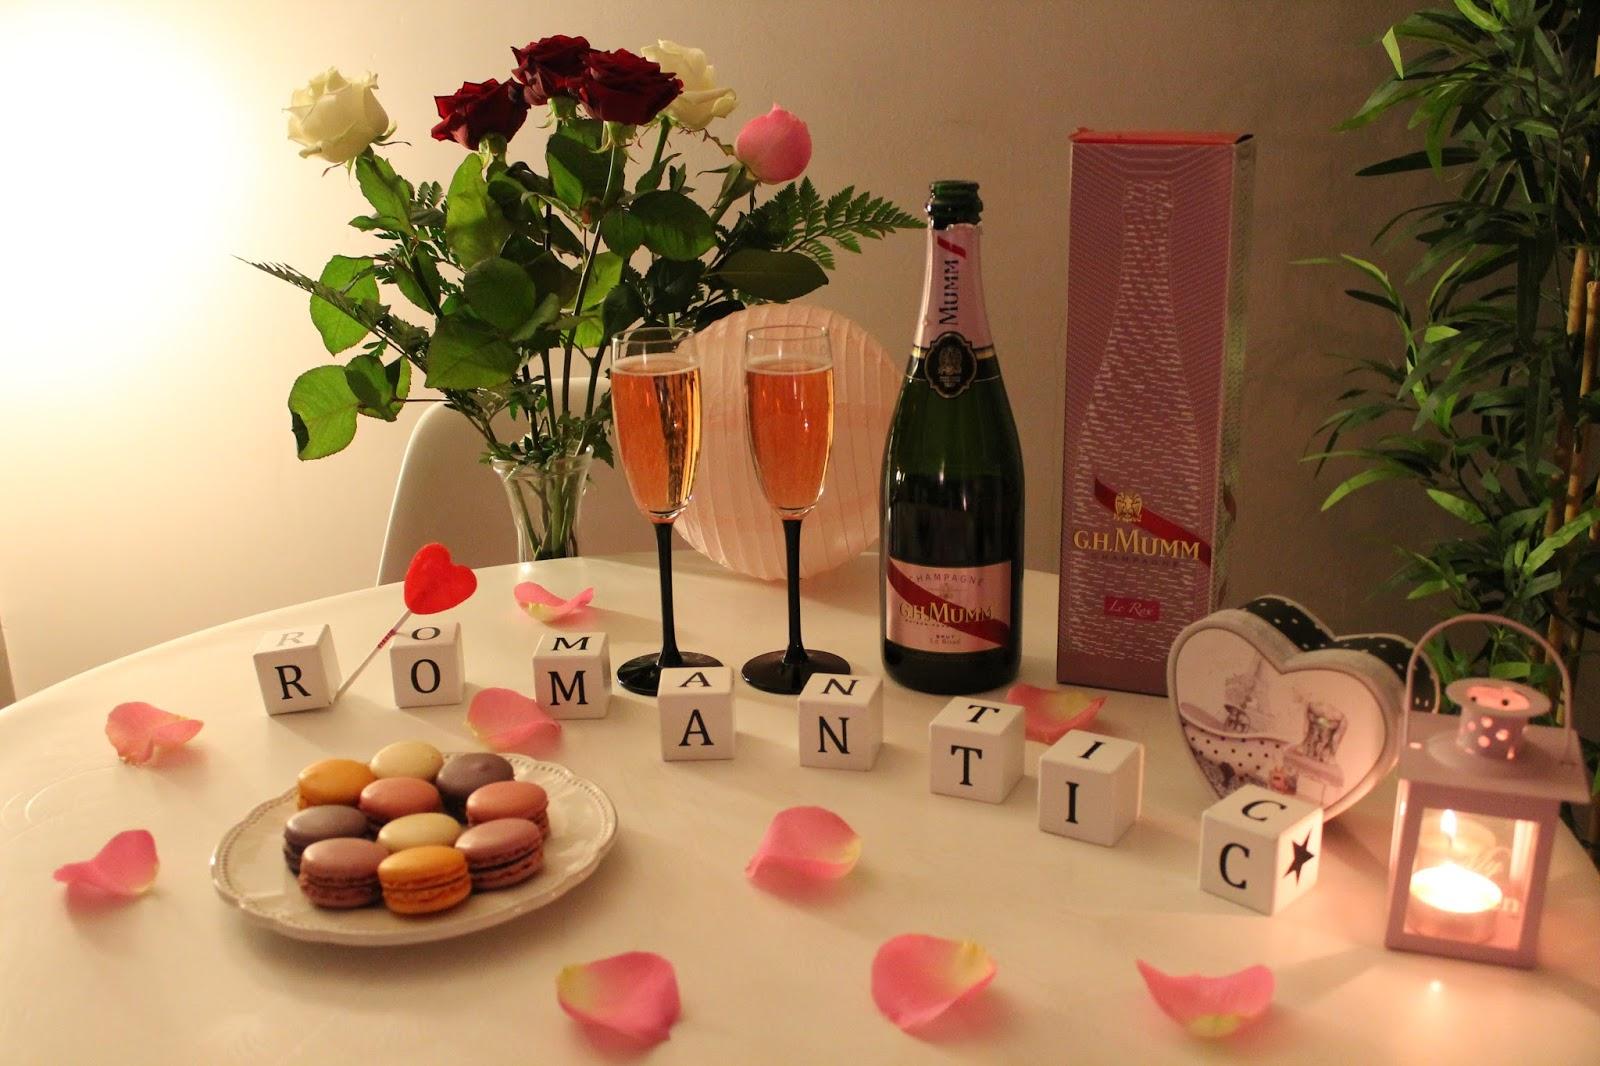 saint valentin coeur love amoureux valentines day gh mumm champagne rosé macarons picard éclairs rose renato montagner edition limitée